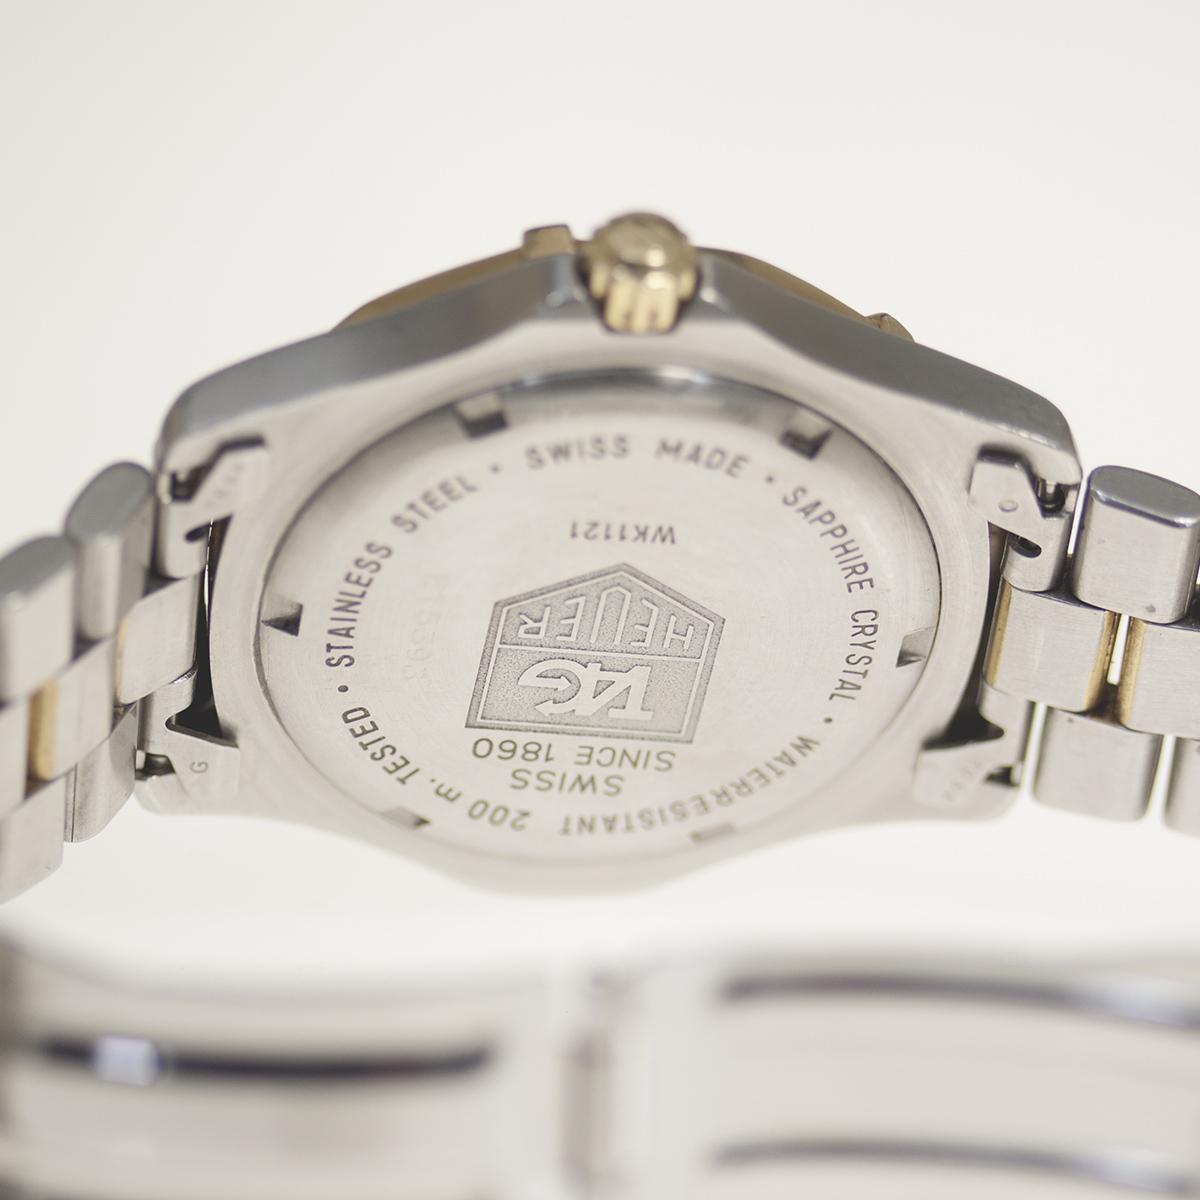 【TAG HEUER】タグホイヤー WK1121「プロフェッショナル 200m」クォーツ メンズ 腕時計【中古品】_画像7